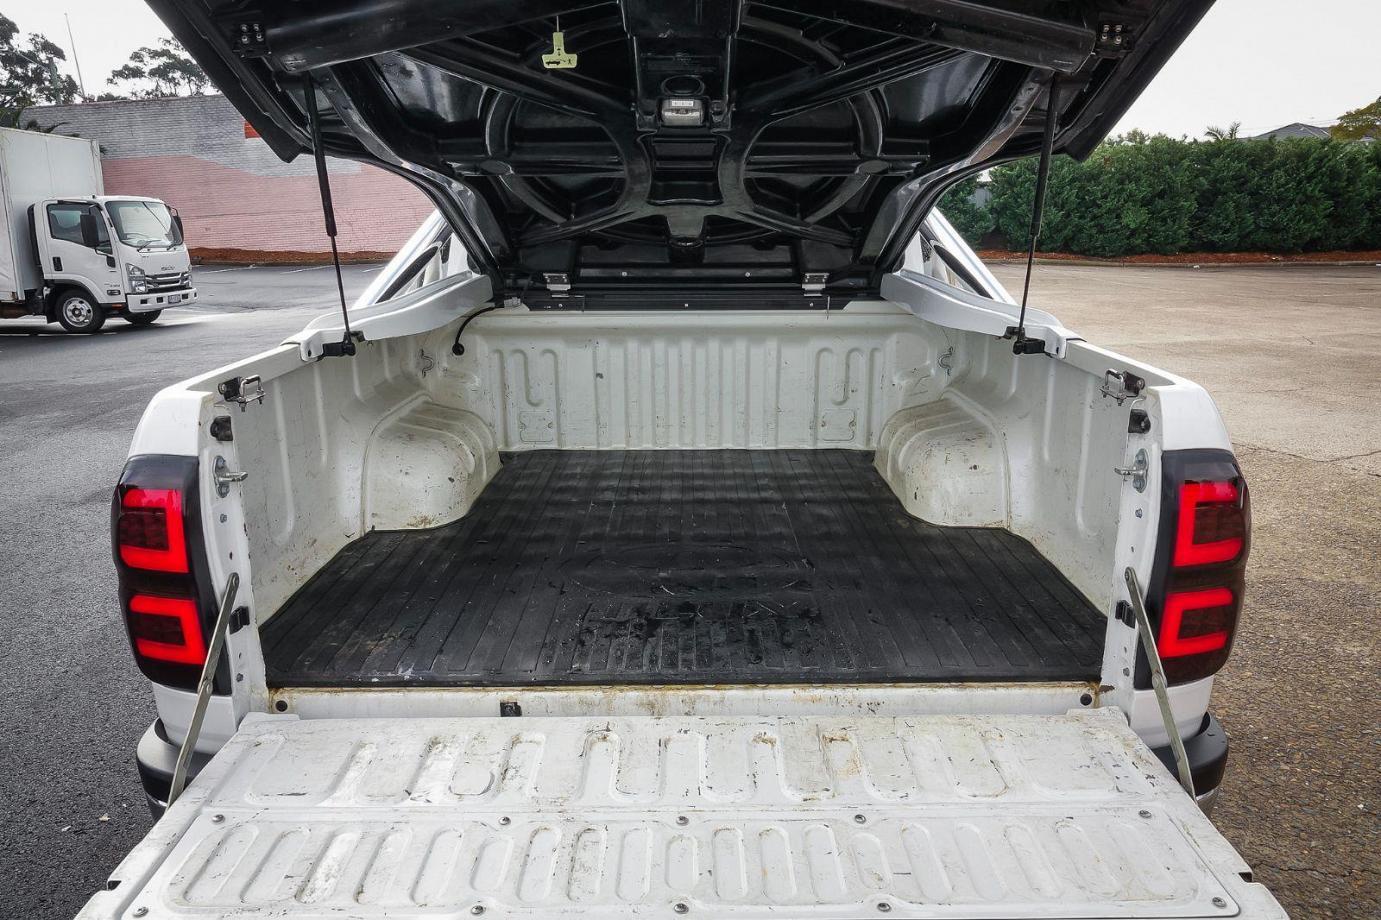 2015 Toyota Hilux GUN126R SR5 Utility Double Cab 4dr Spts Auto 6sp 4x4 925kg 2.8DT